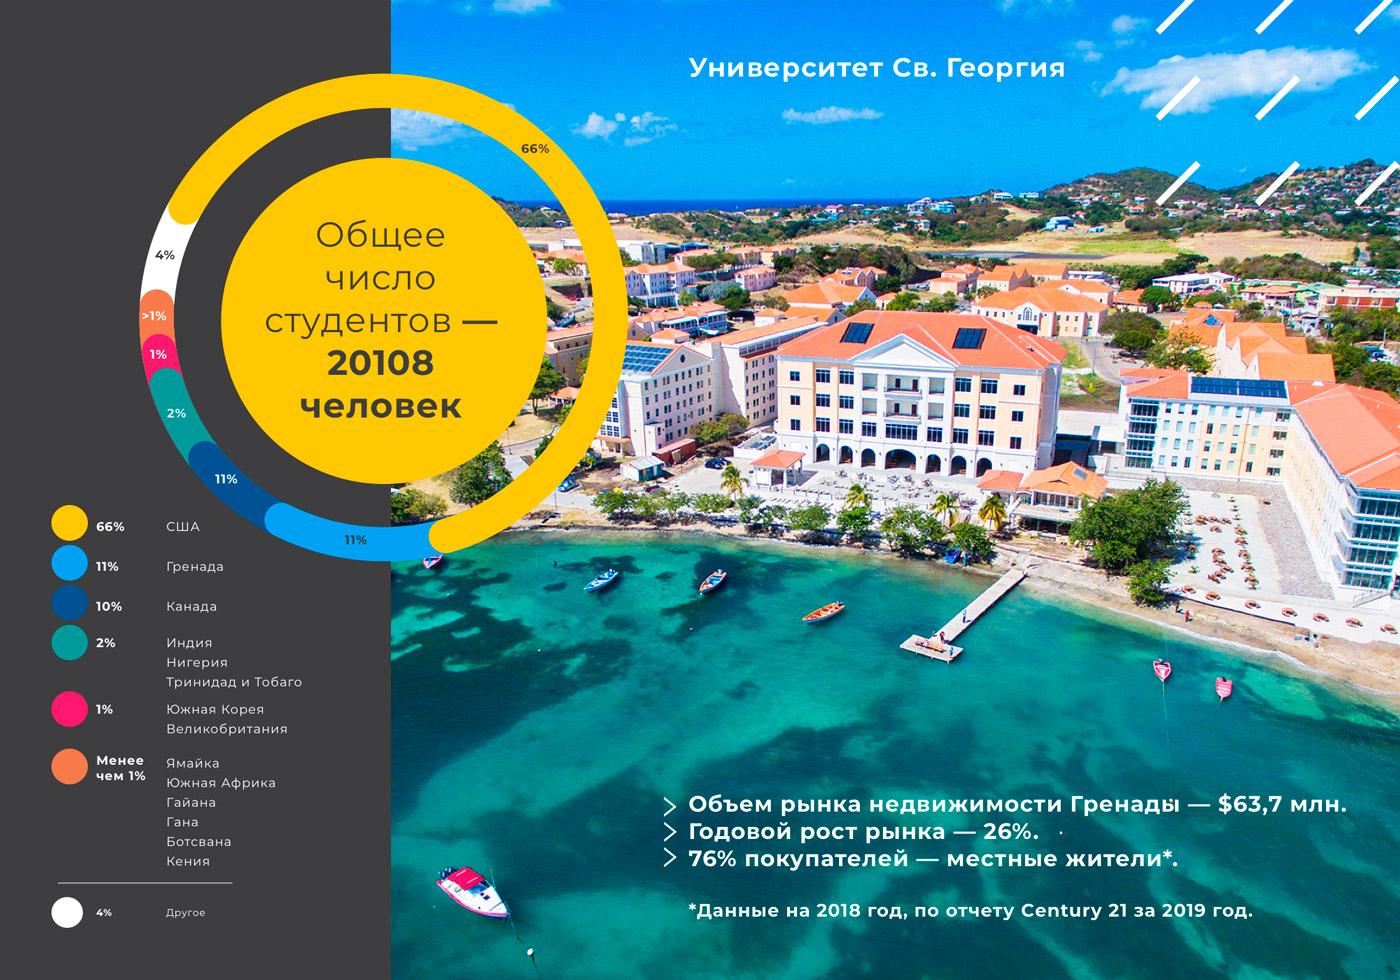 Флагман высшего образования на Карибах